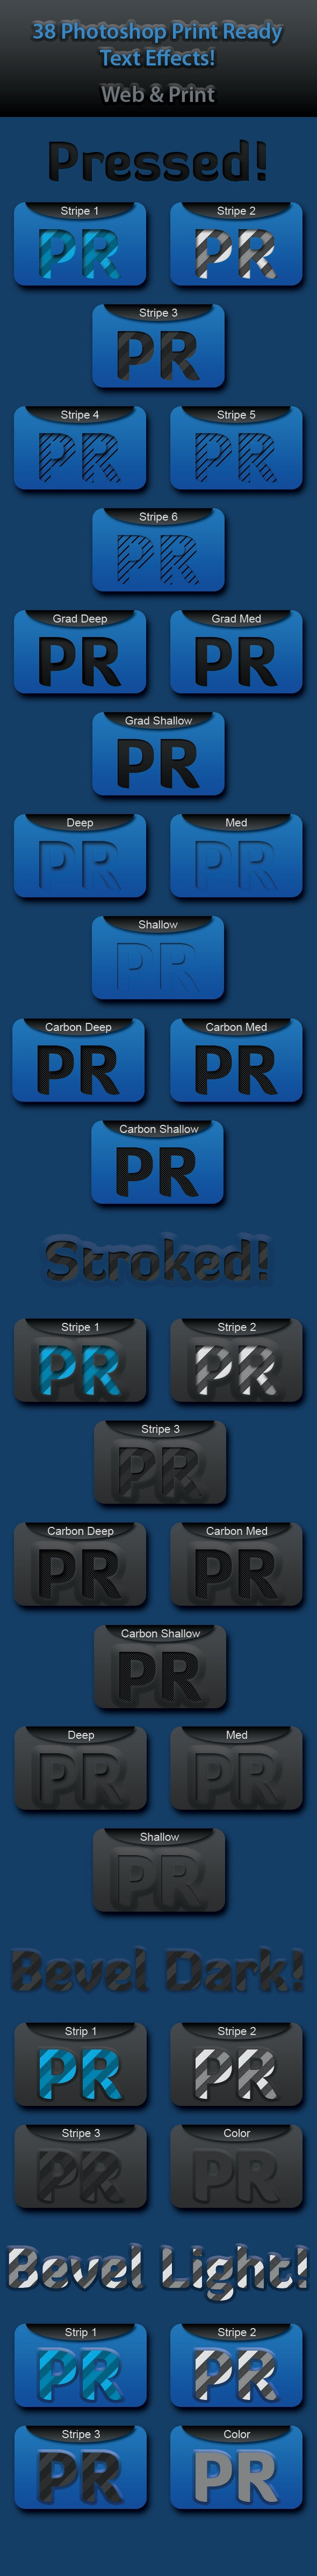 38 Print Ready Text Styles! (Print & Web) - Text Effects Styles